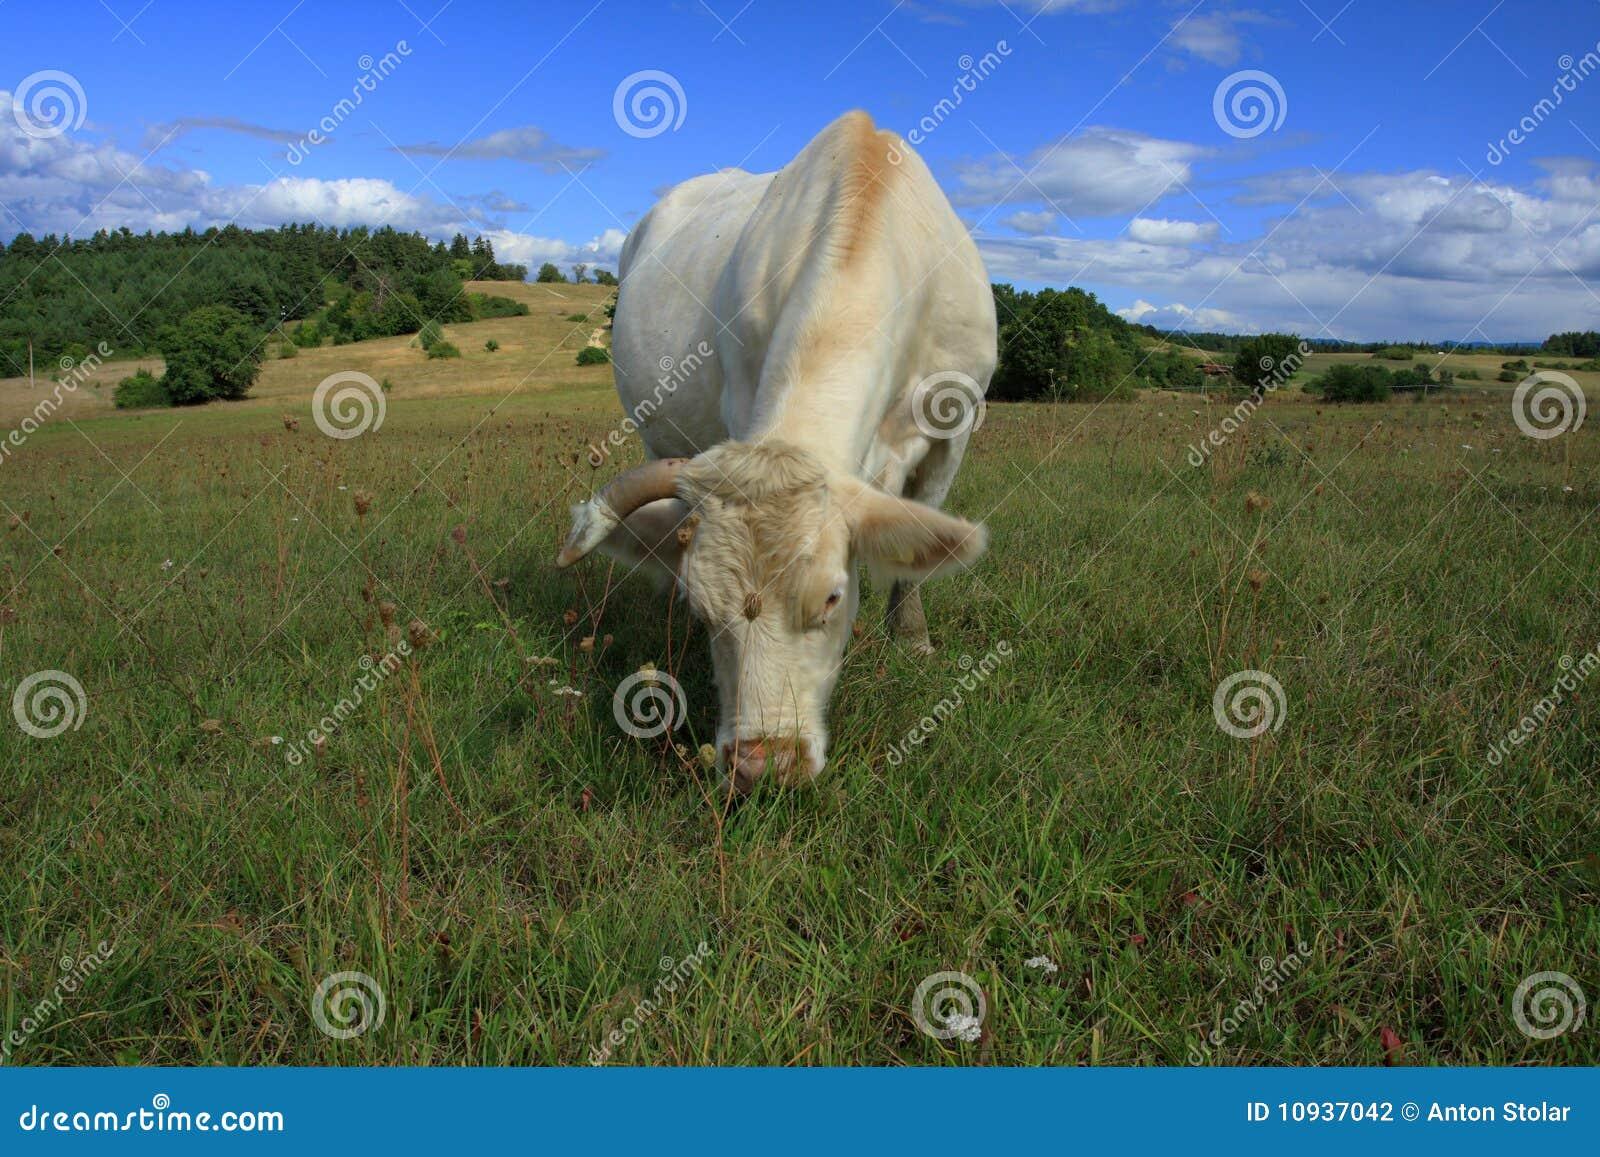 White Shorthorn Cattle